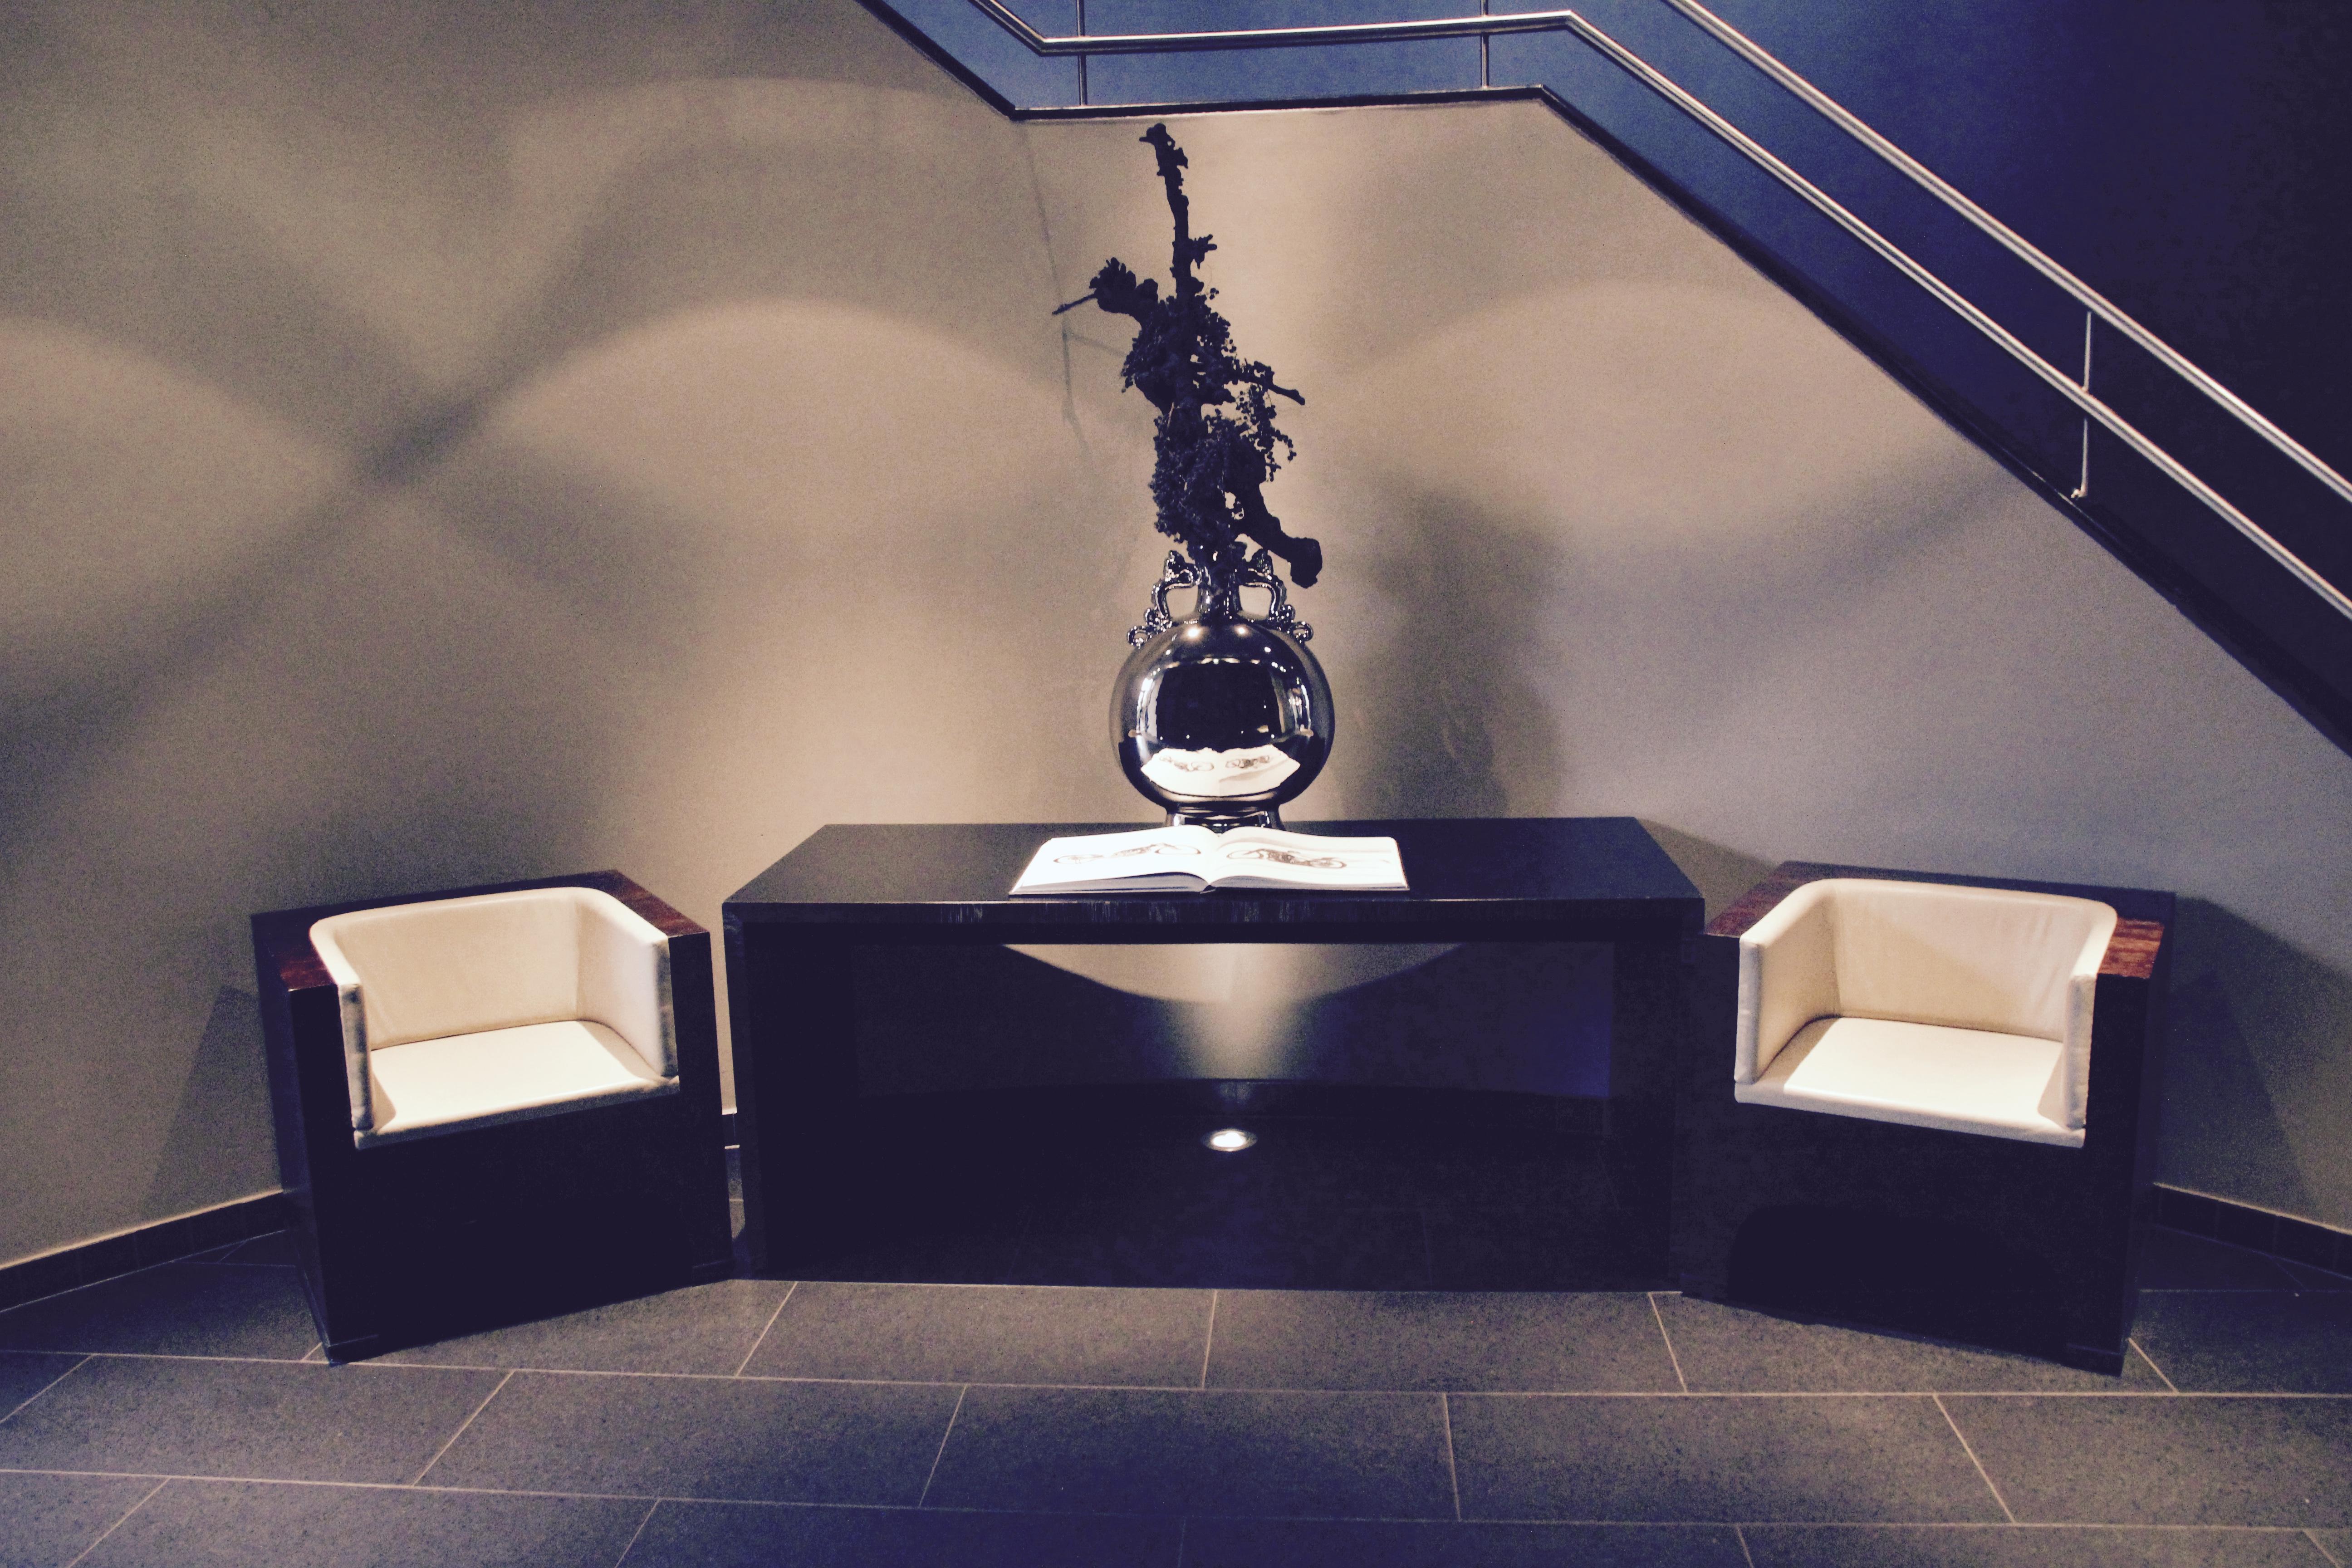 Two nights in Frankfurt - Designhotel \'ROOMERS\' und auch die Roomers ...